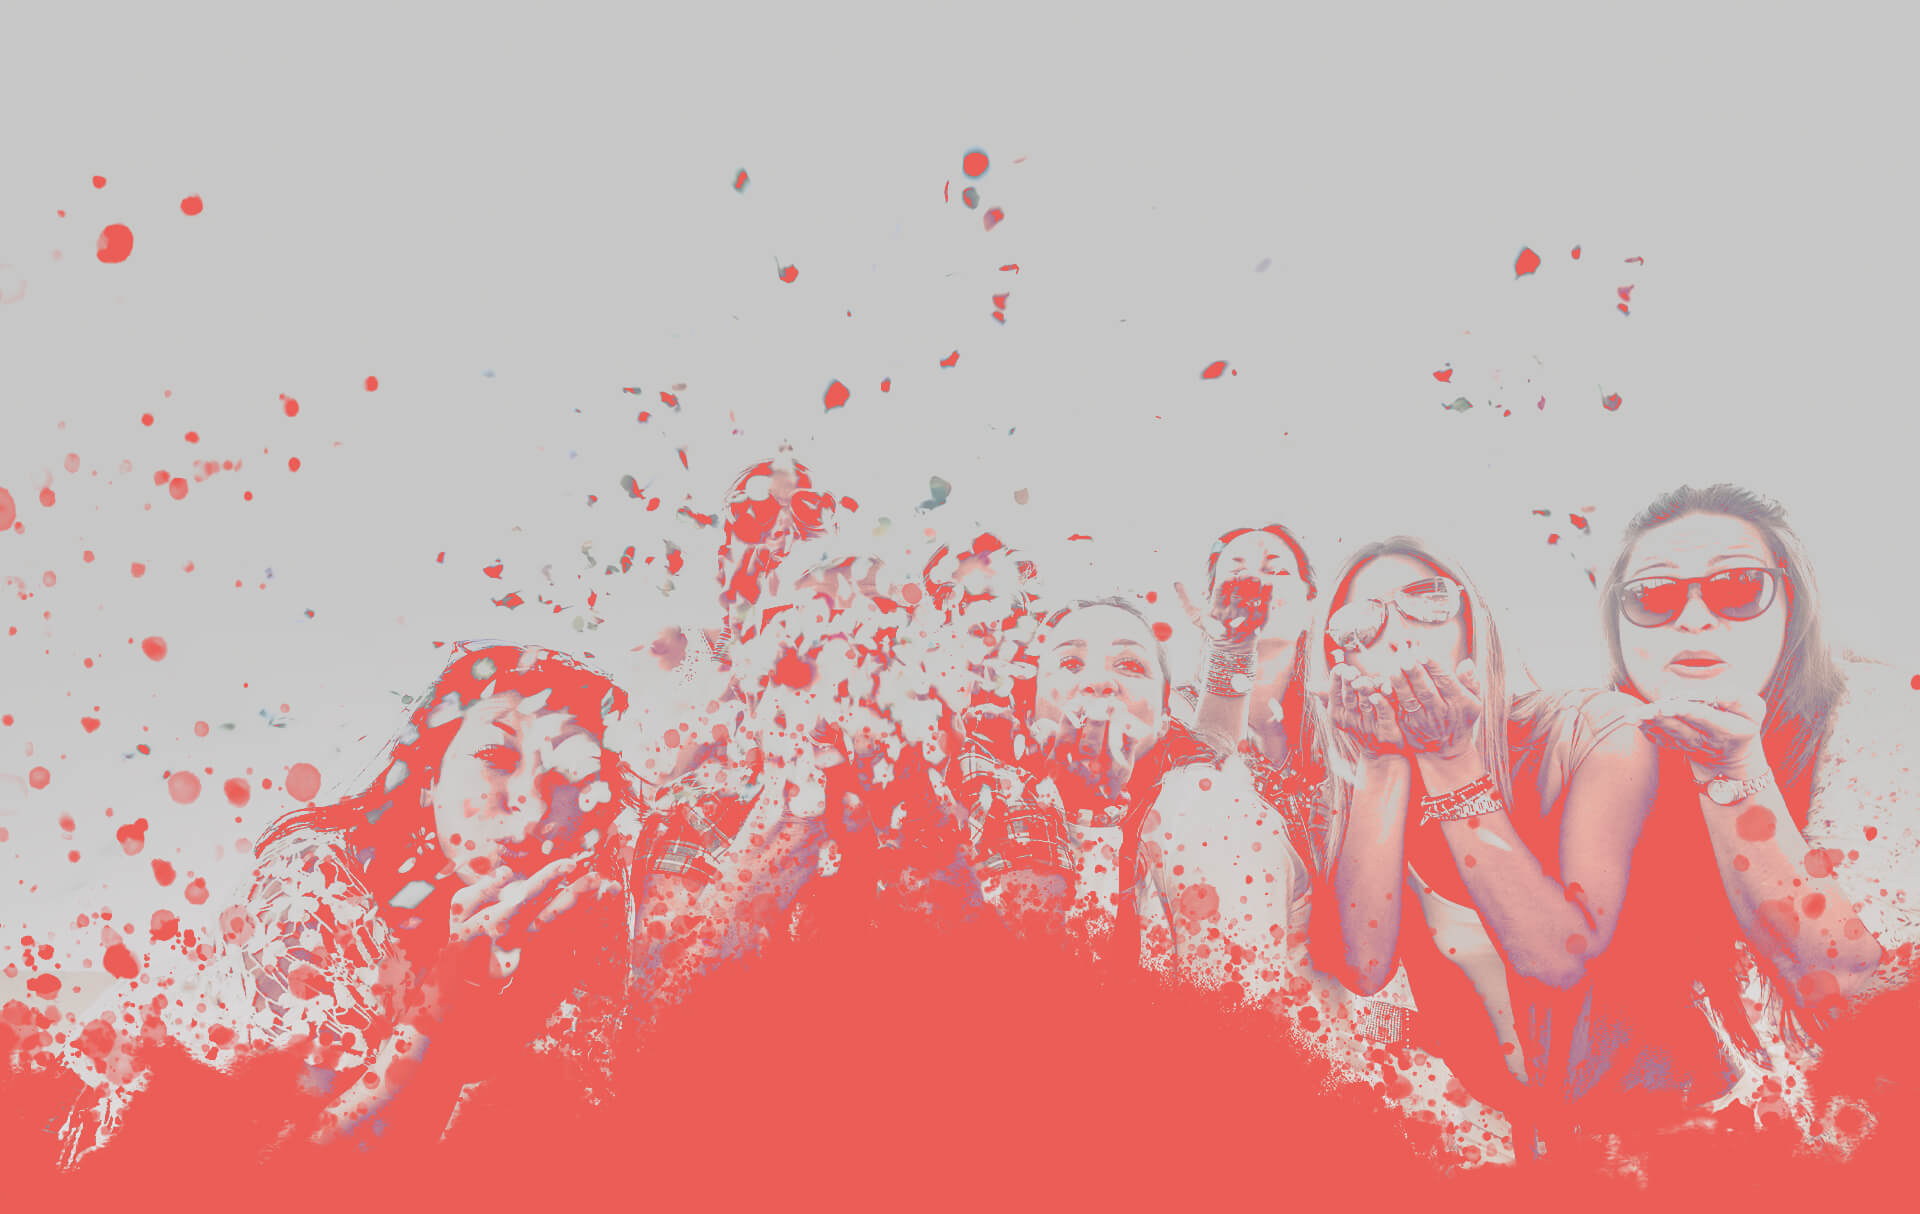 Hintergrundbild: eine Gruppe von glücklichen Leuten